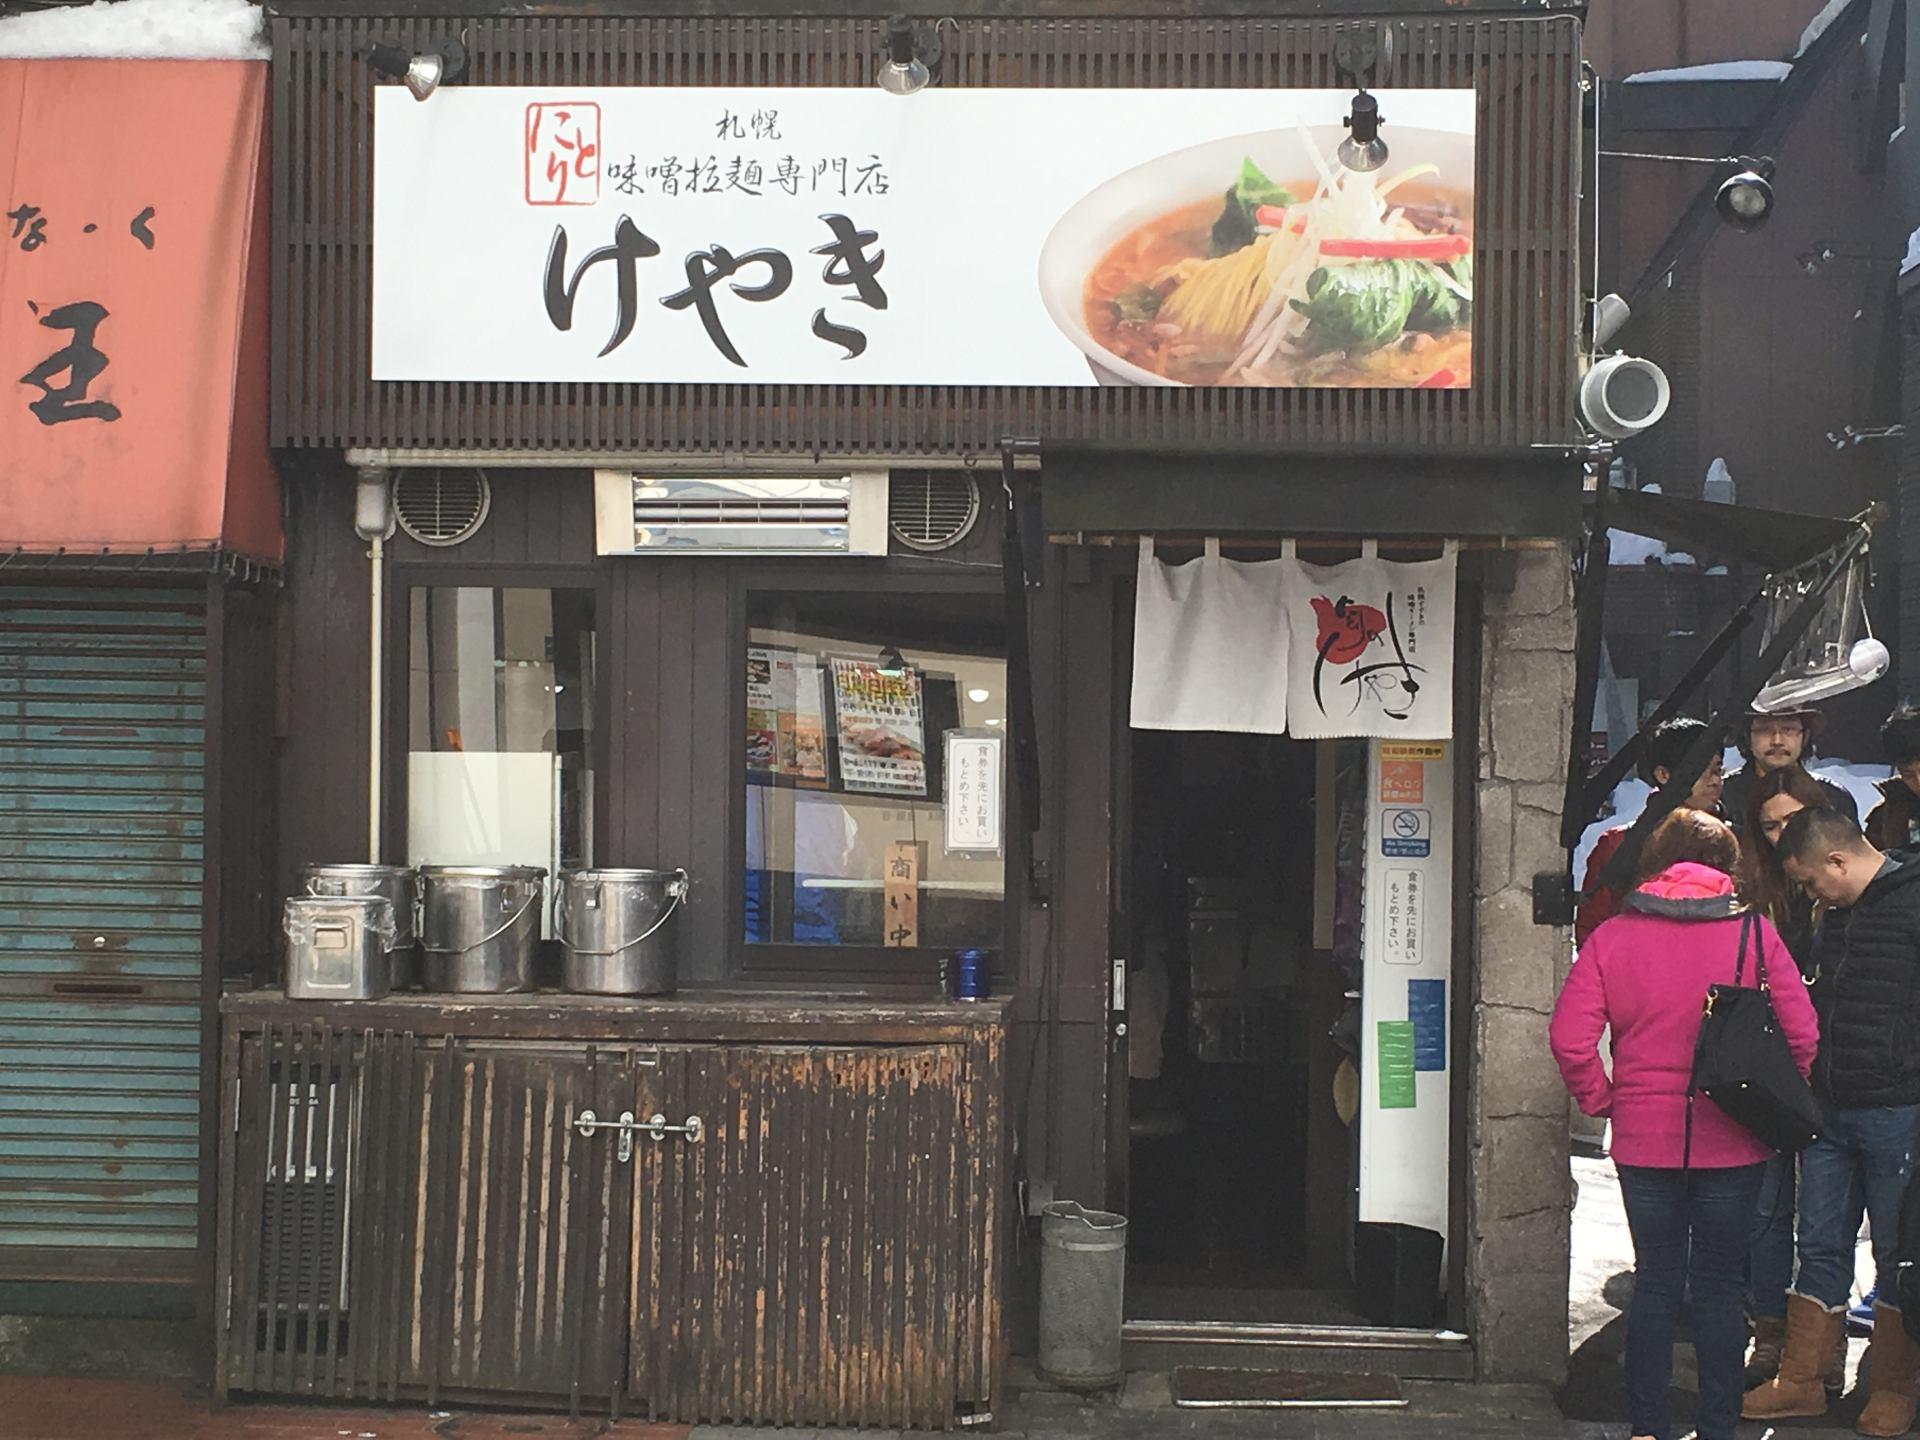 大排長龍的人氣拉麵店:「けやき本店」